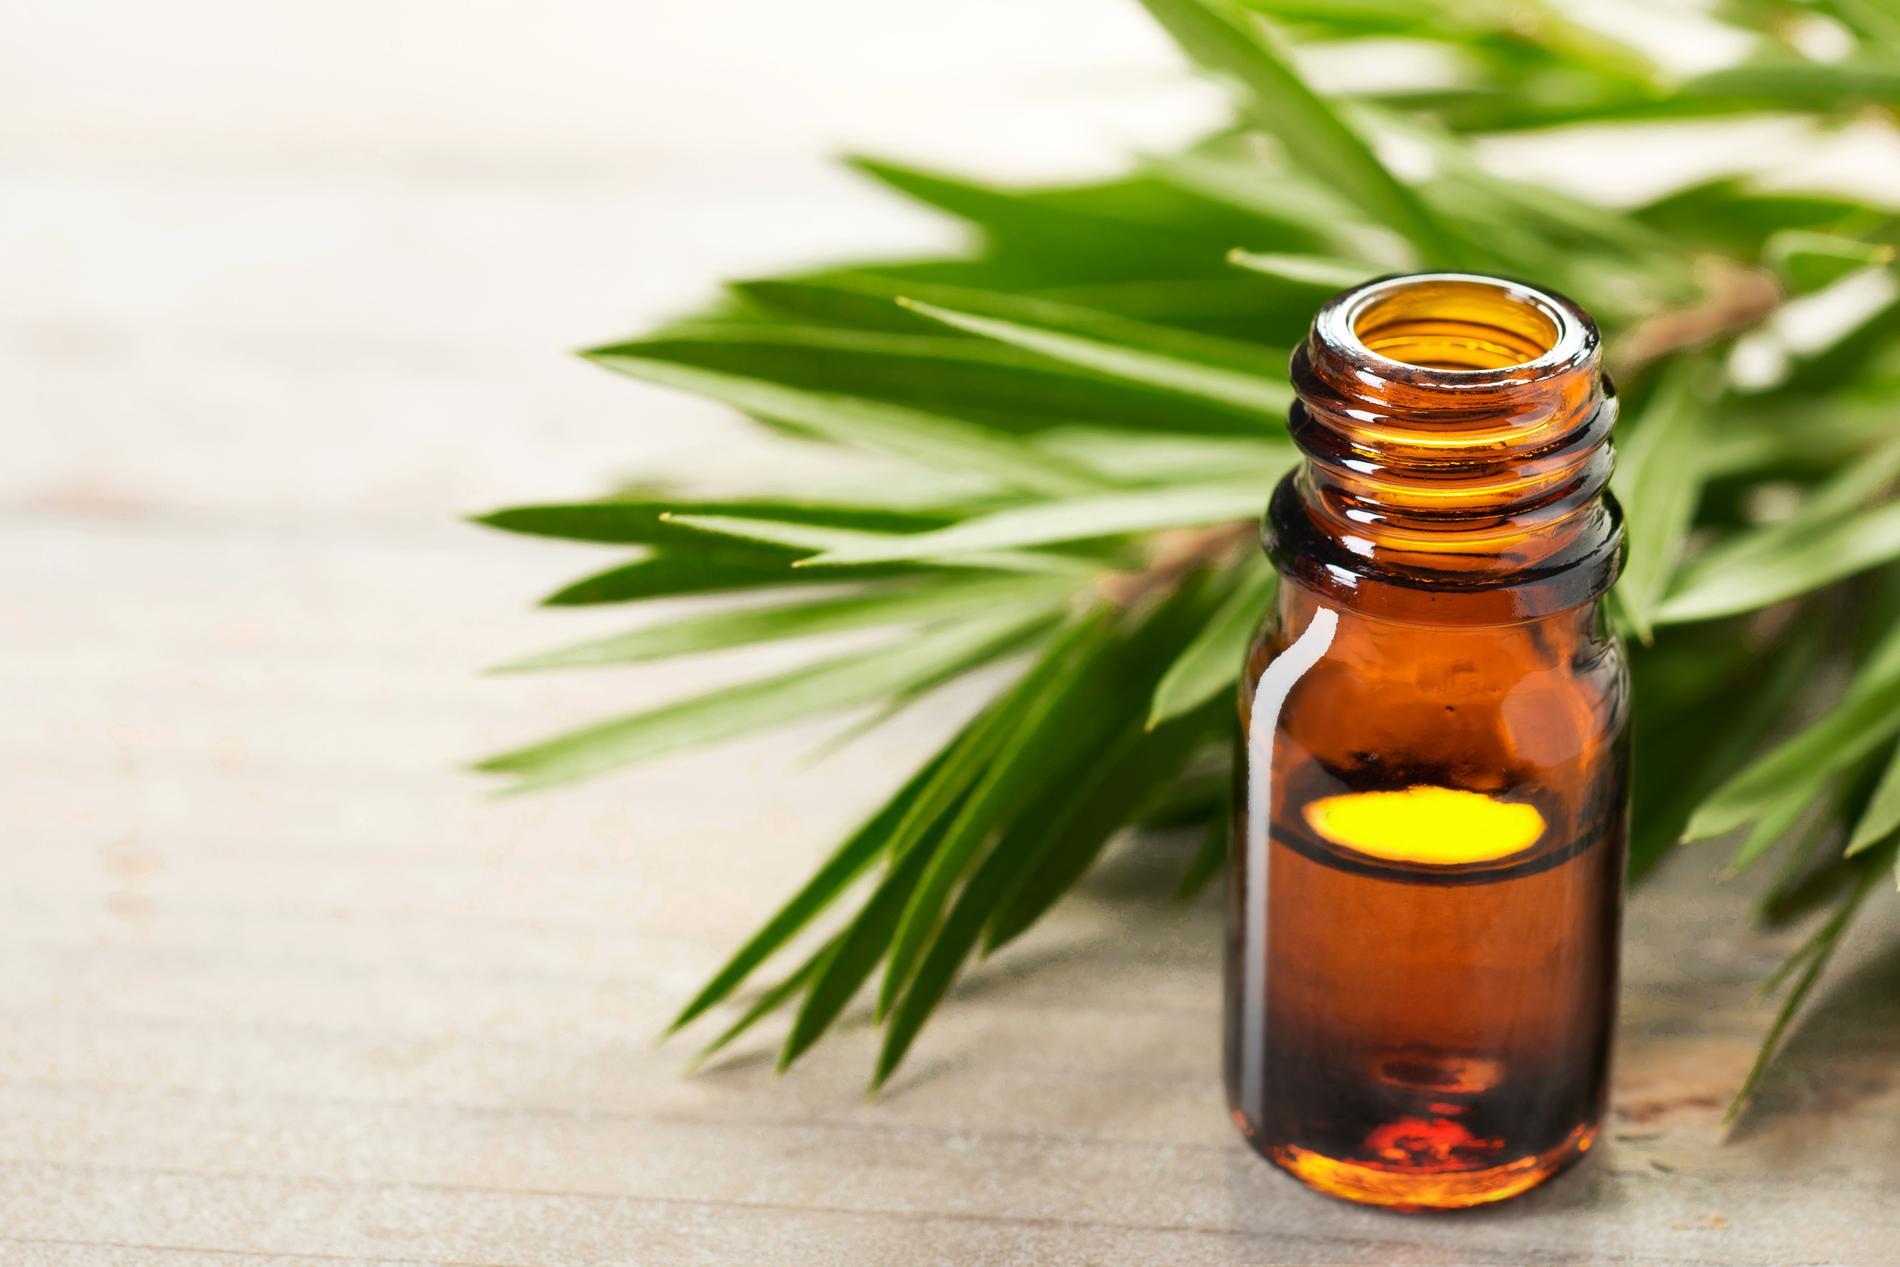 L huile essentielle d arbre à thé provient de la distillation des feuilles  de ces arbres, qu on trouve principalement en Australie ou à Madagascar. 32394ad34a6